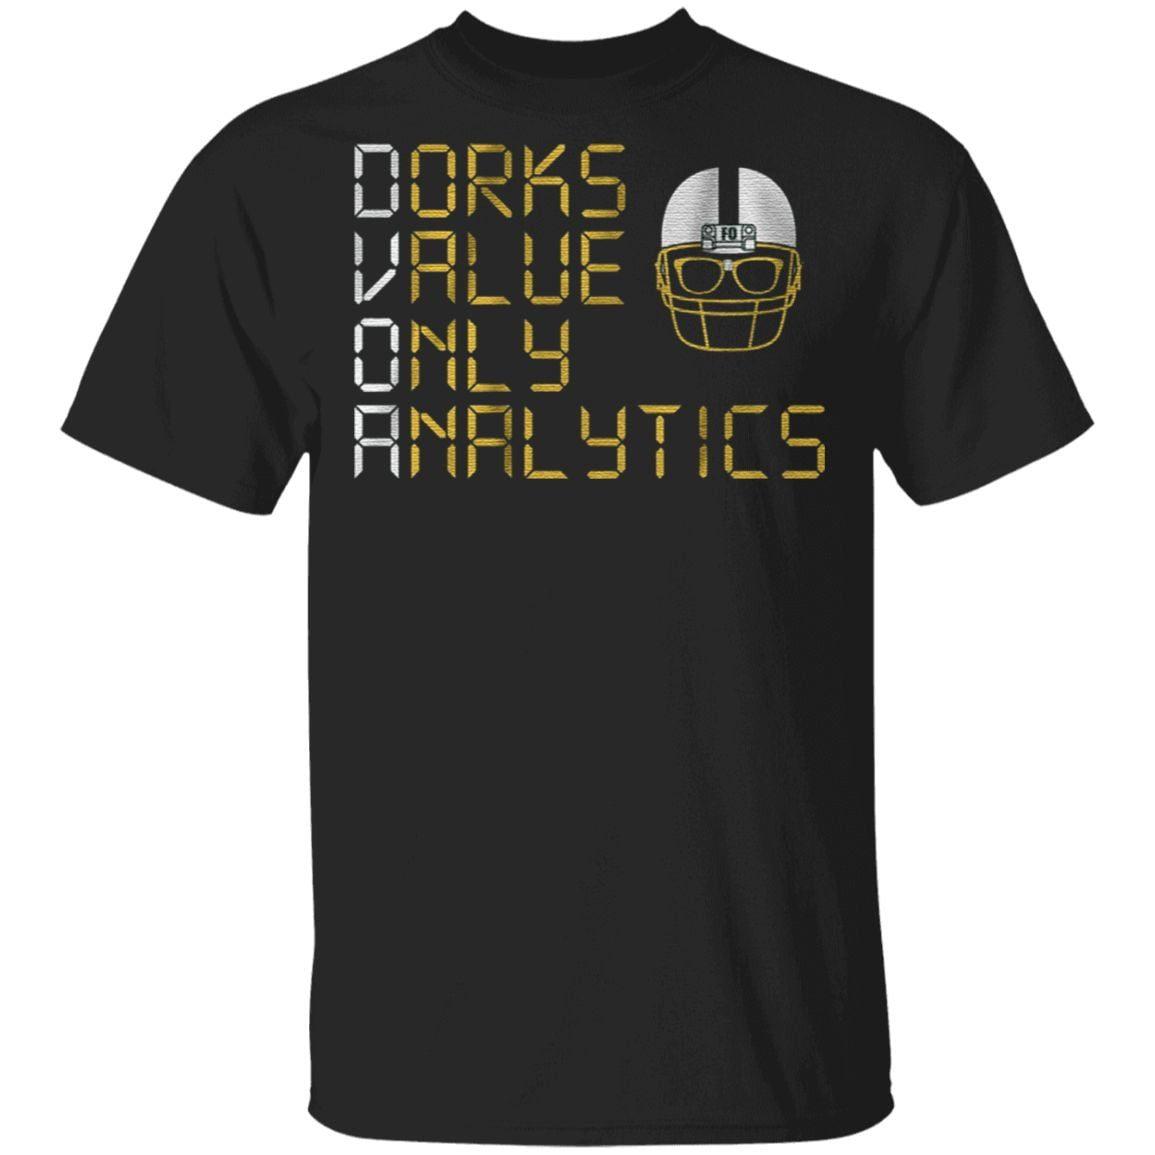 dorks value only analytics t shirt